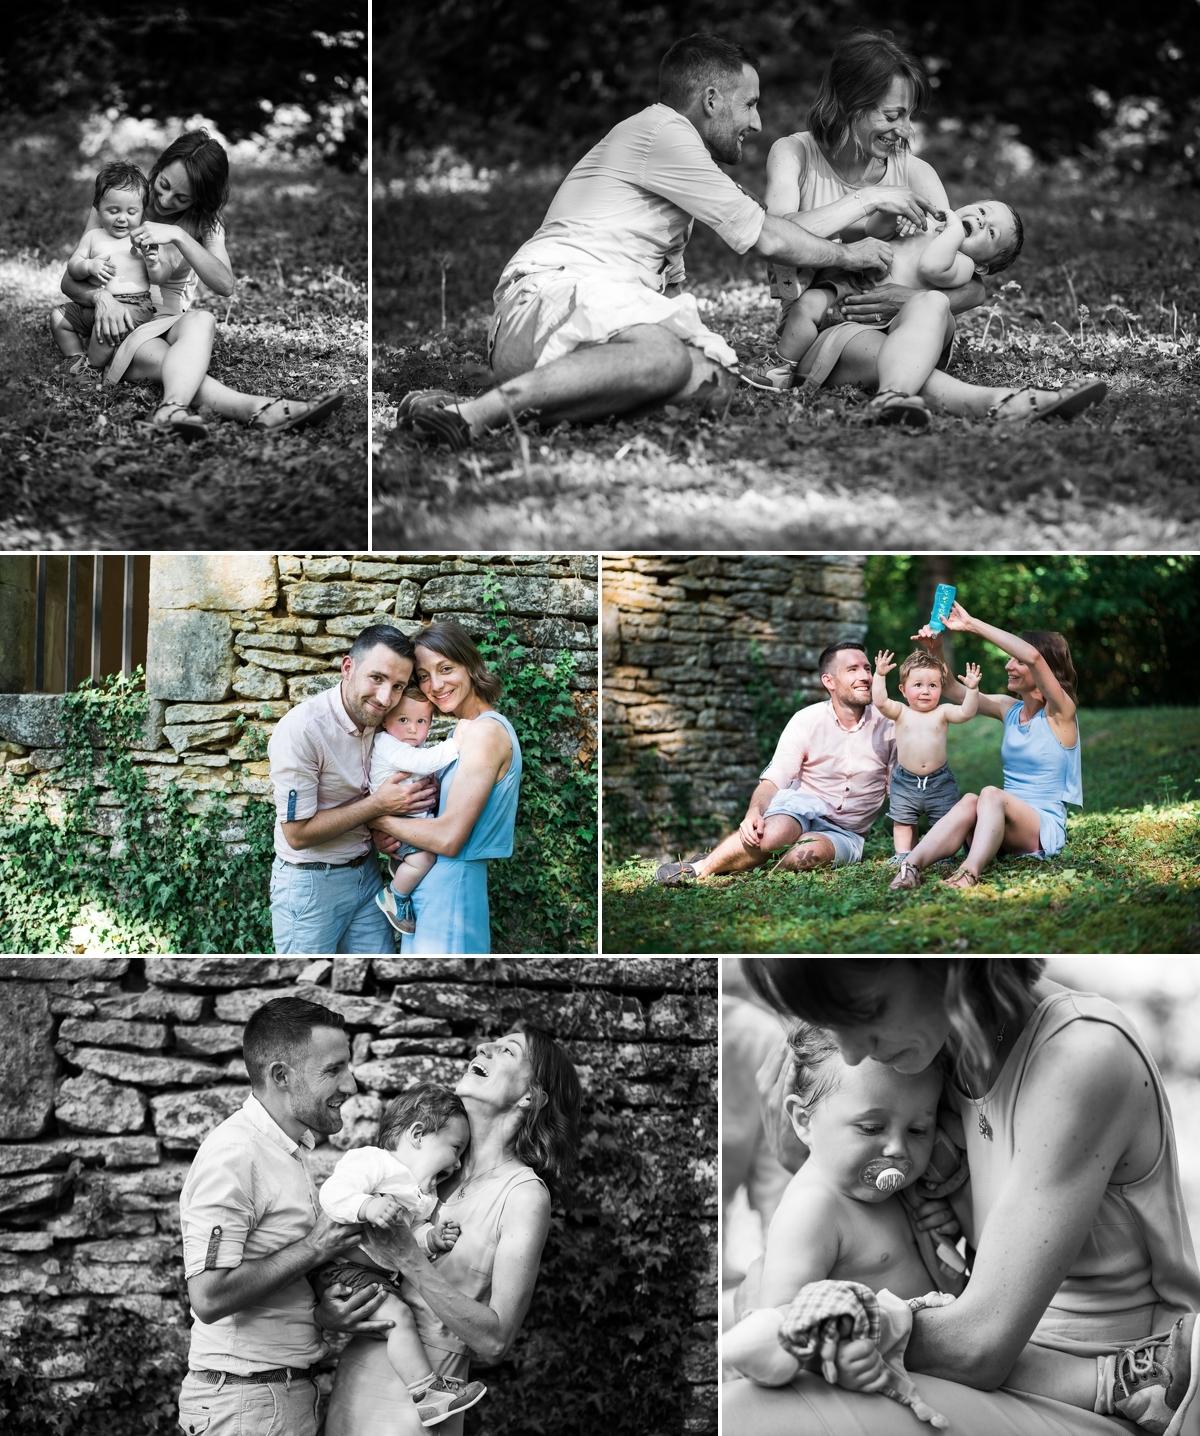 Sonia-Blanc-photographe-lifestyle-seance-famille-montbard-bourgogne